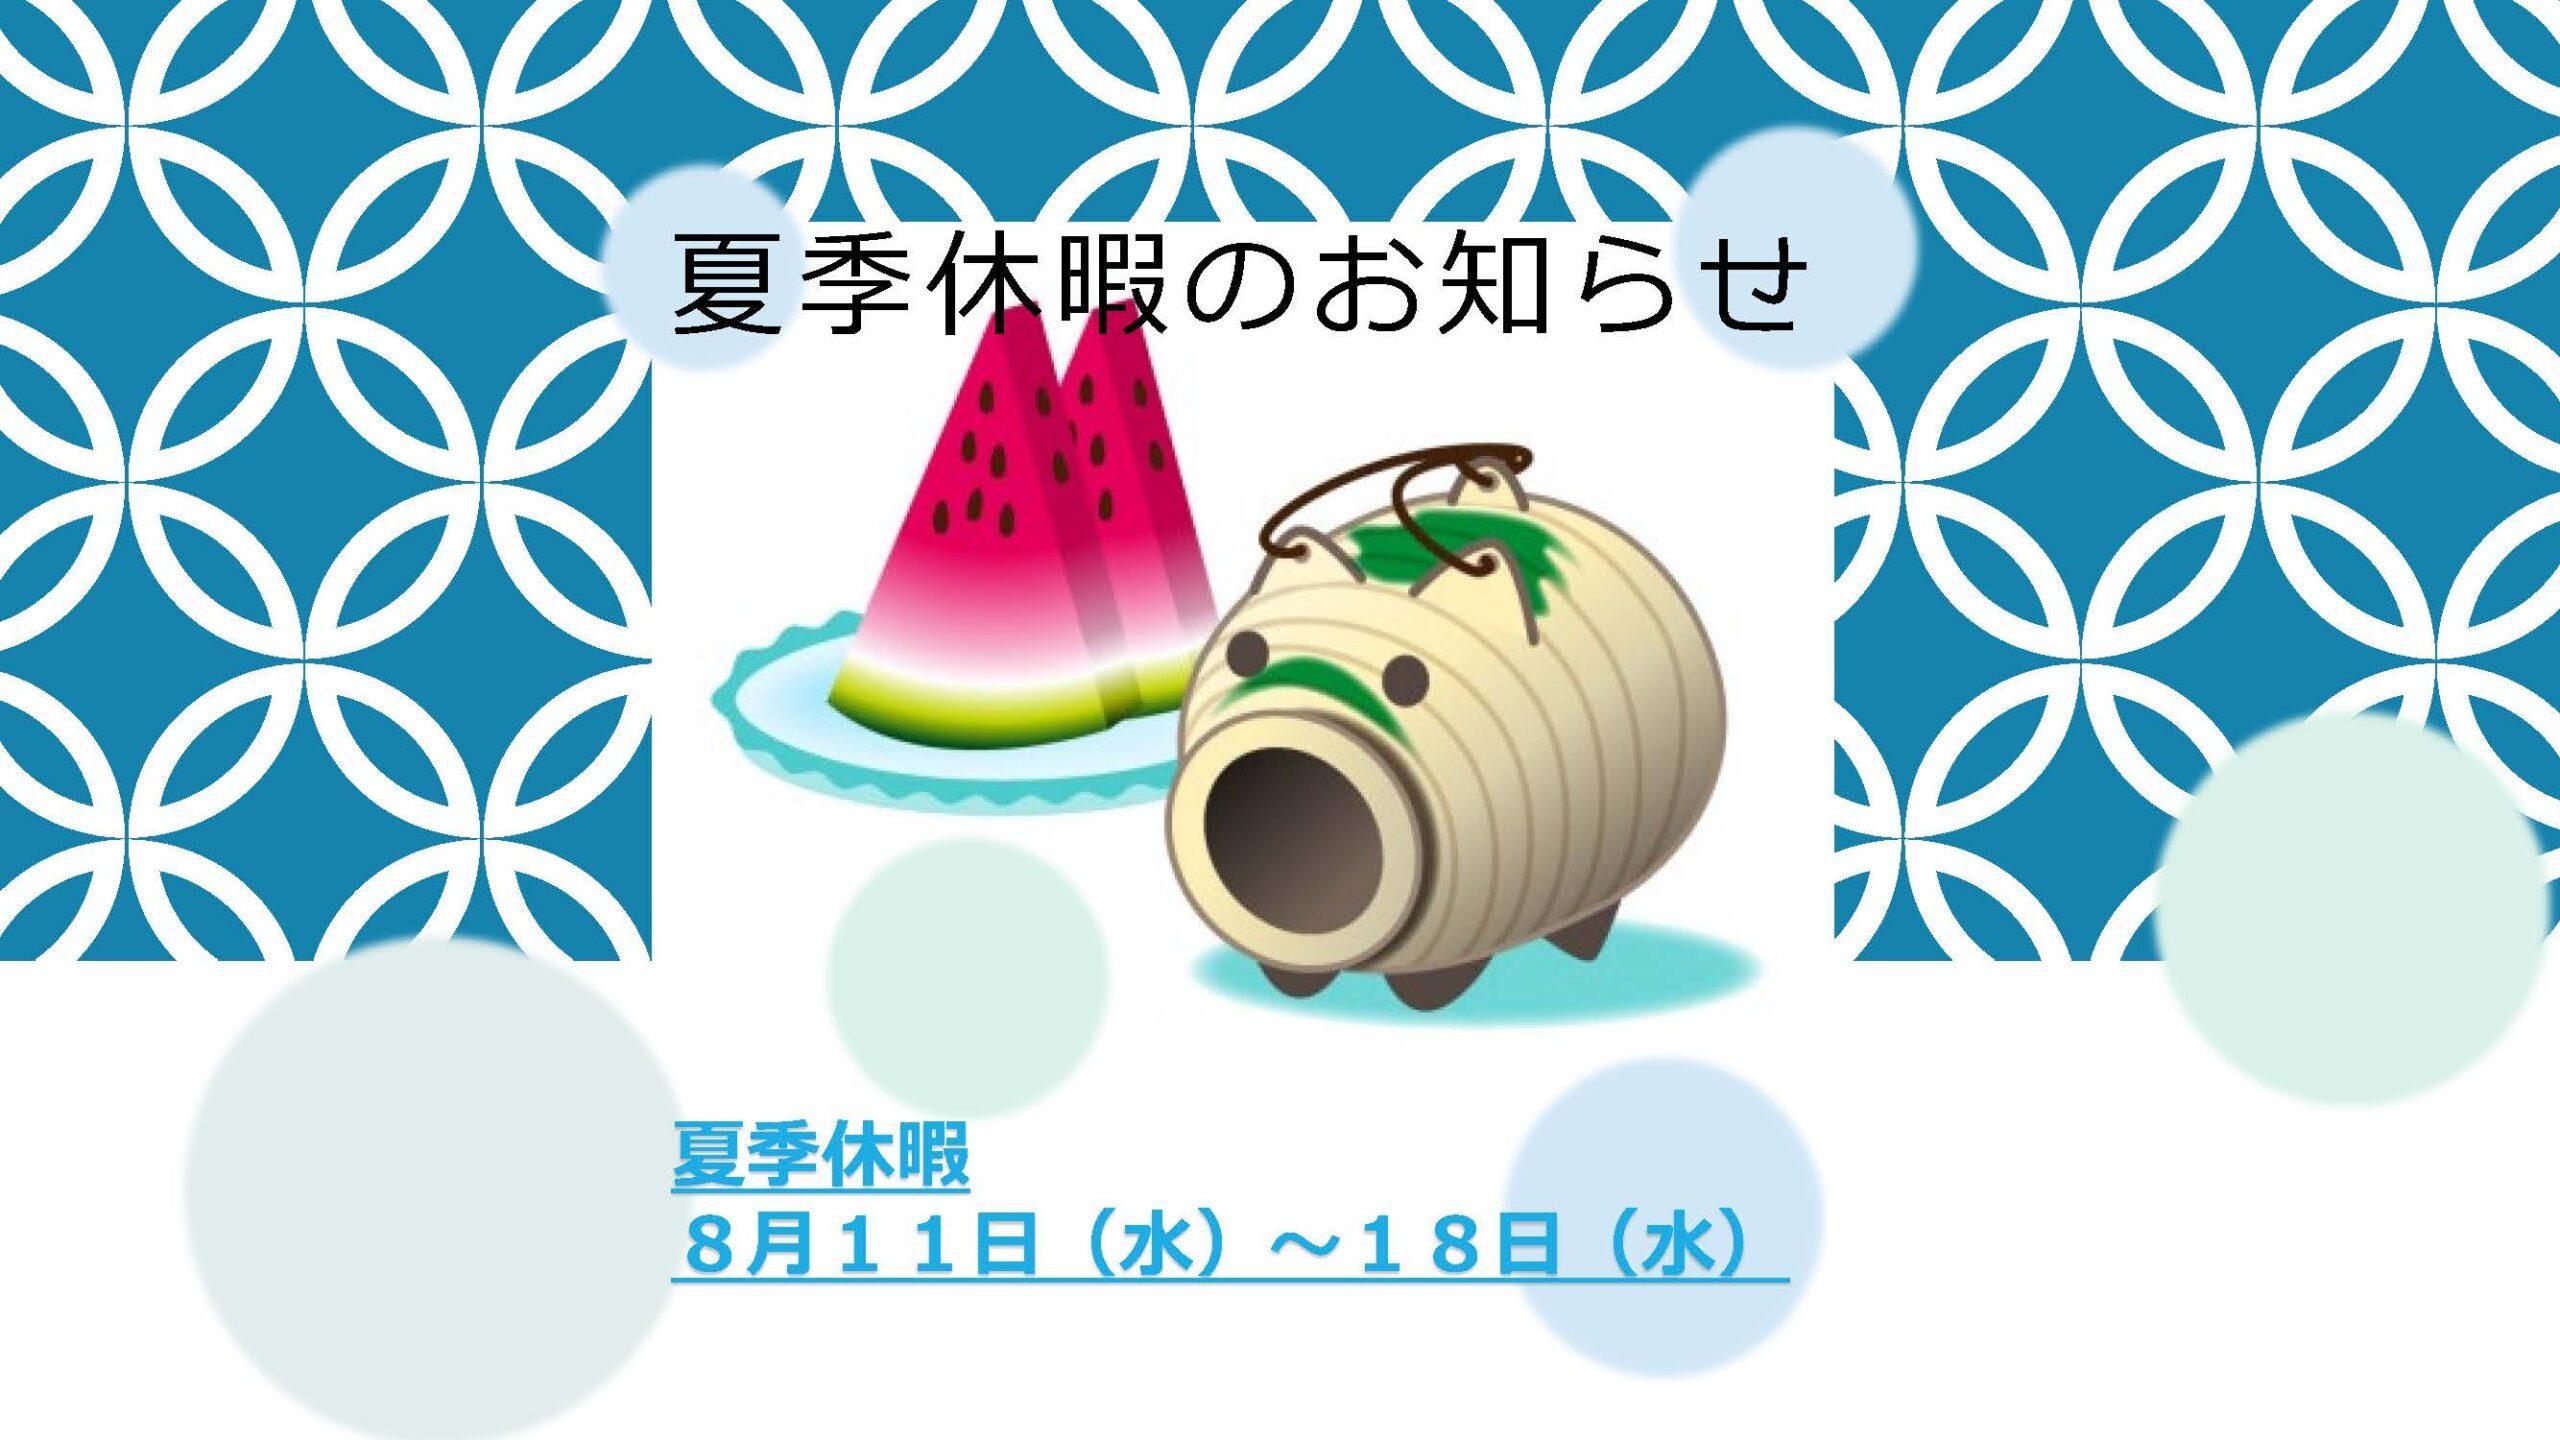 【2021年夏季休暇のお知らせ】